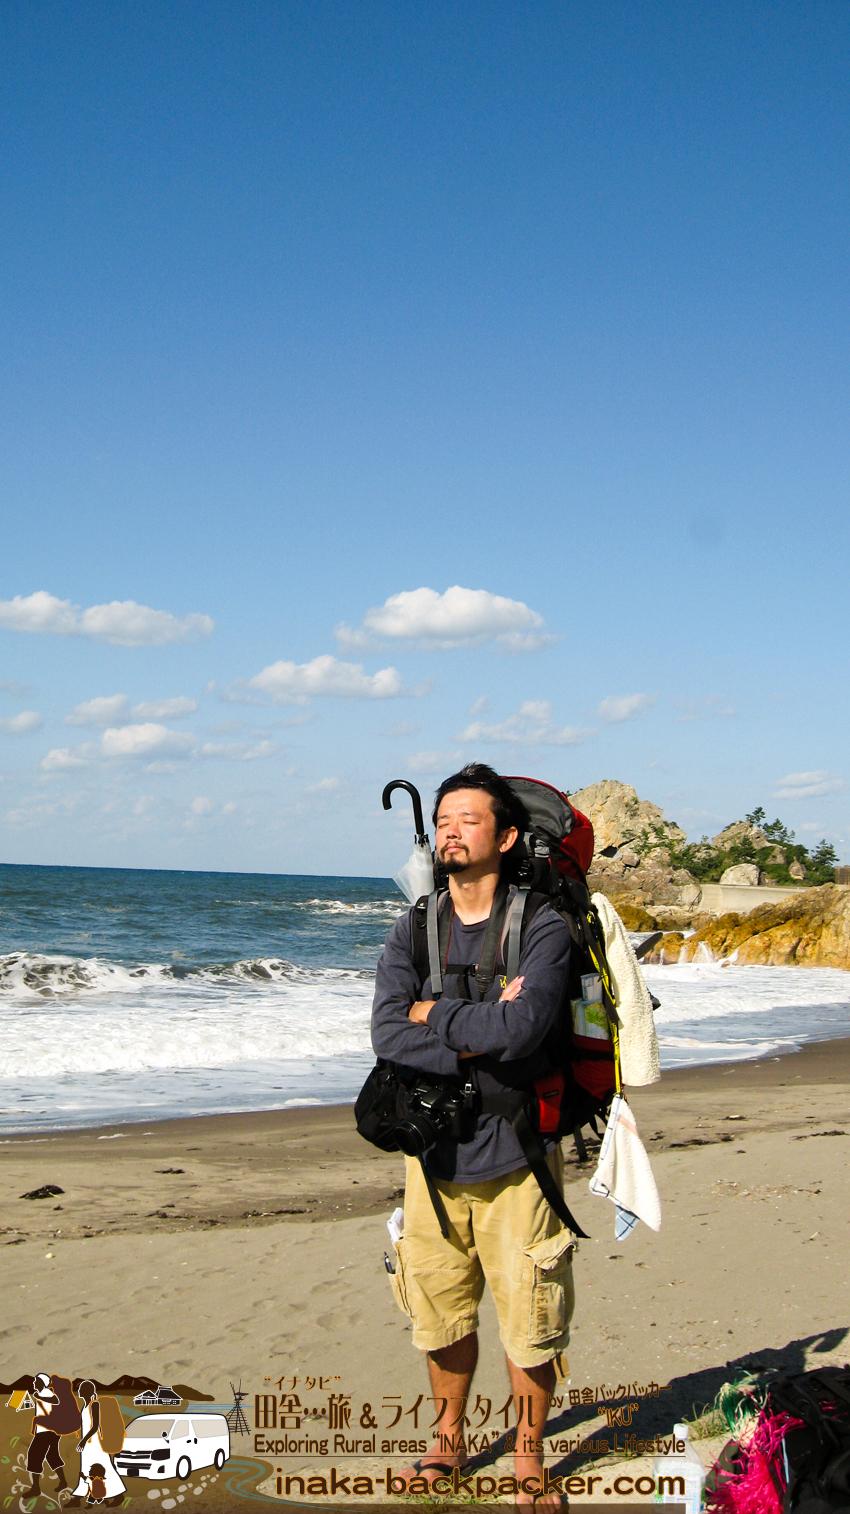 石川県輪島市 - 曽々木の「垂水の滝」へ向かう。その途中の景色。砂浜を見つけた。ここでサーフィンもできるんじゃないかな...?!